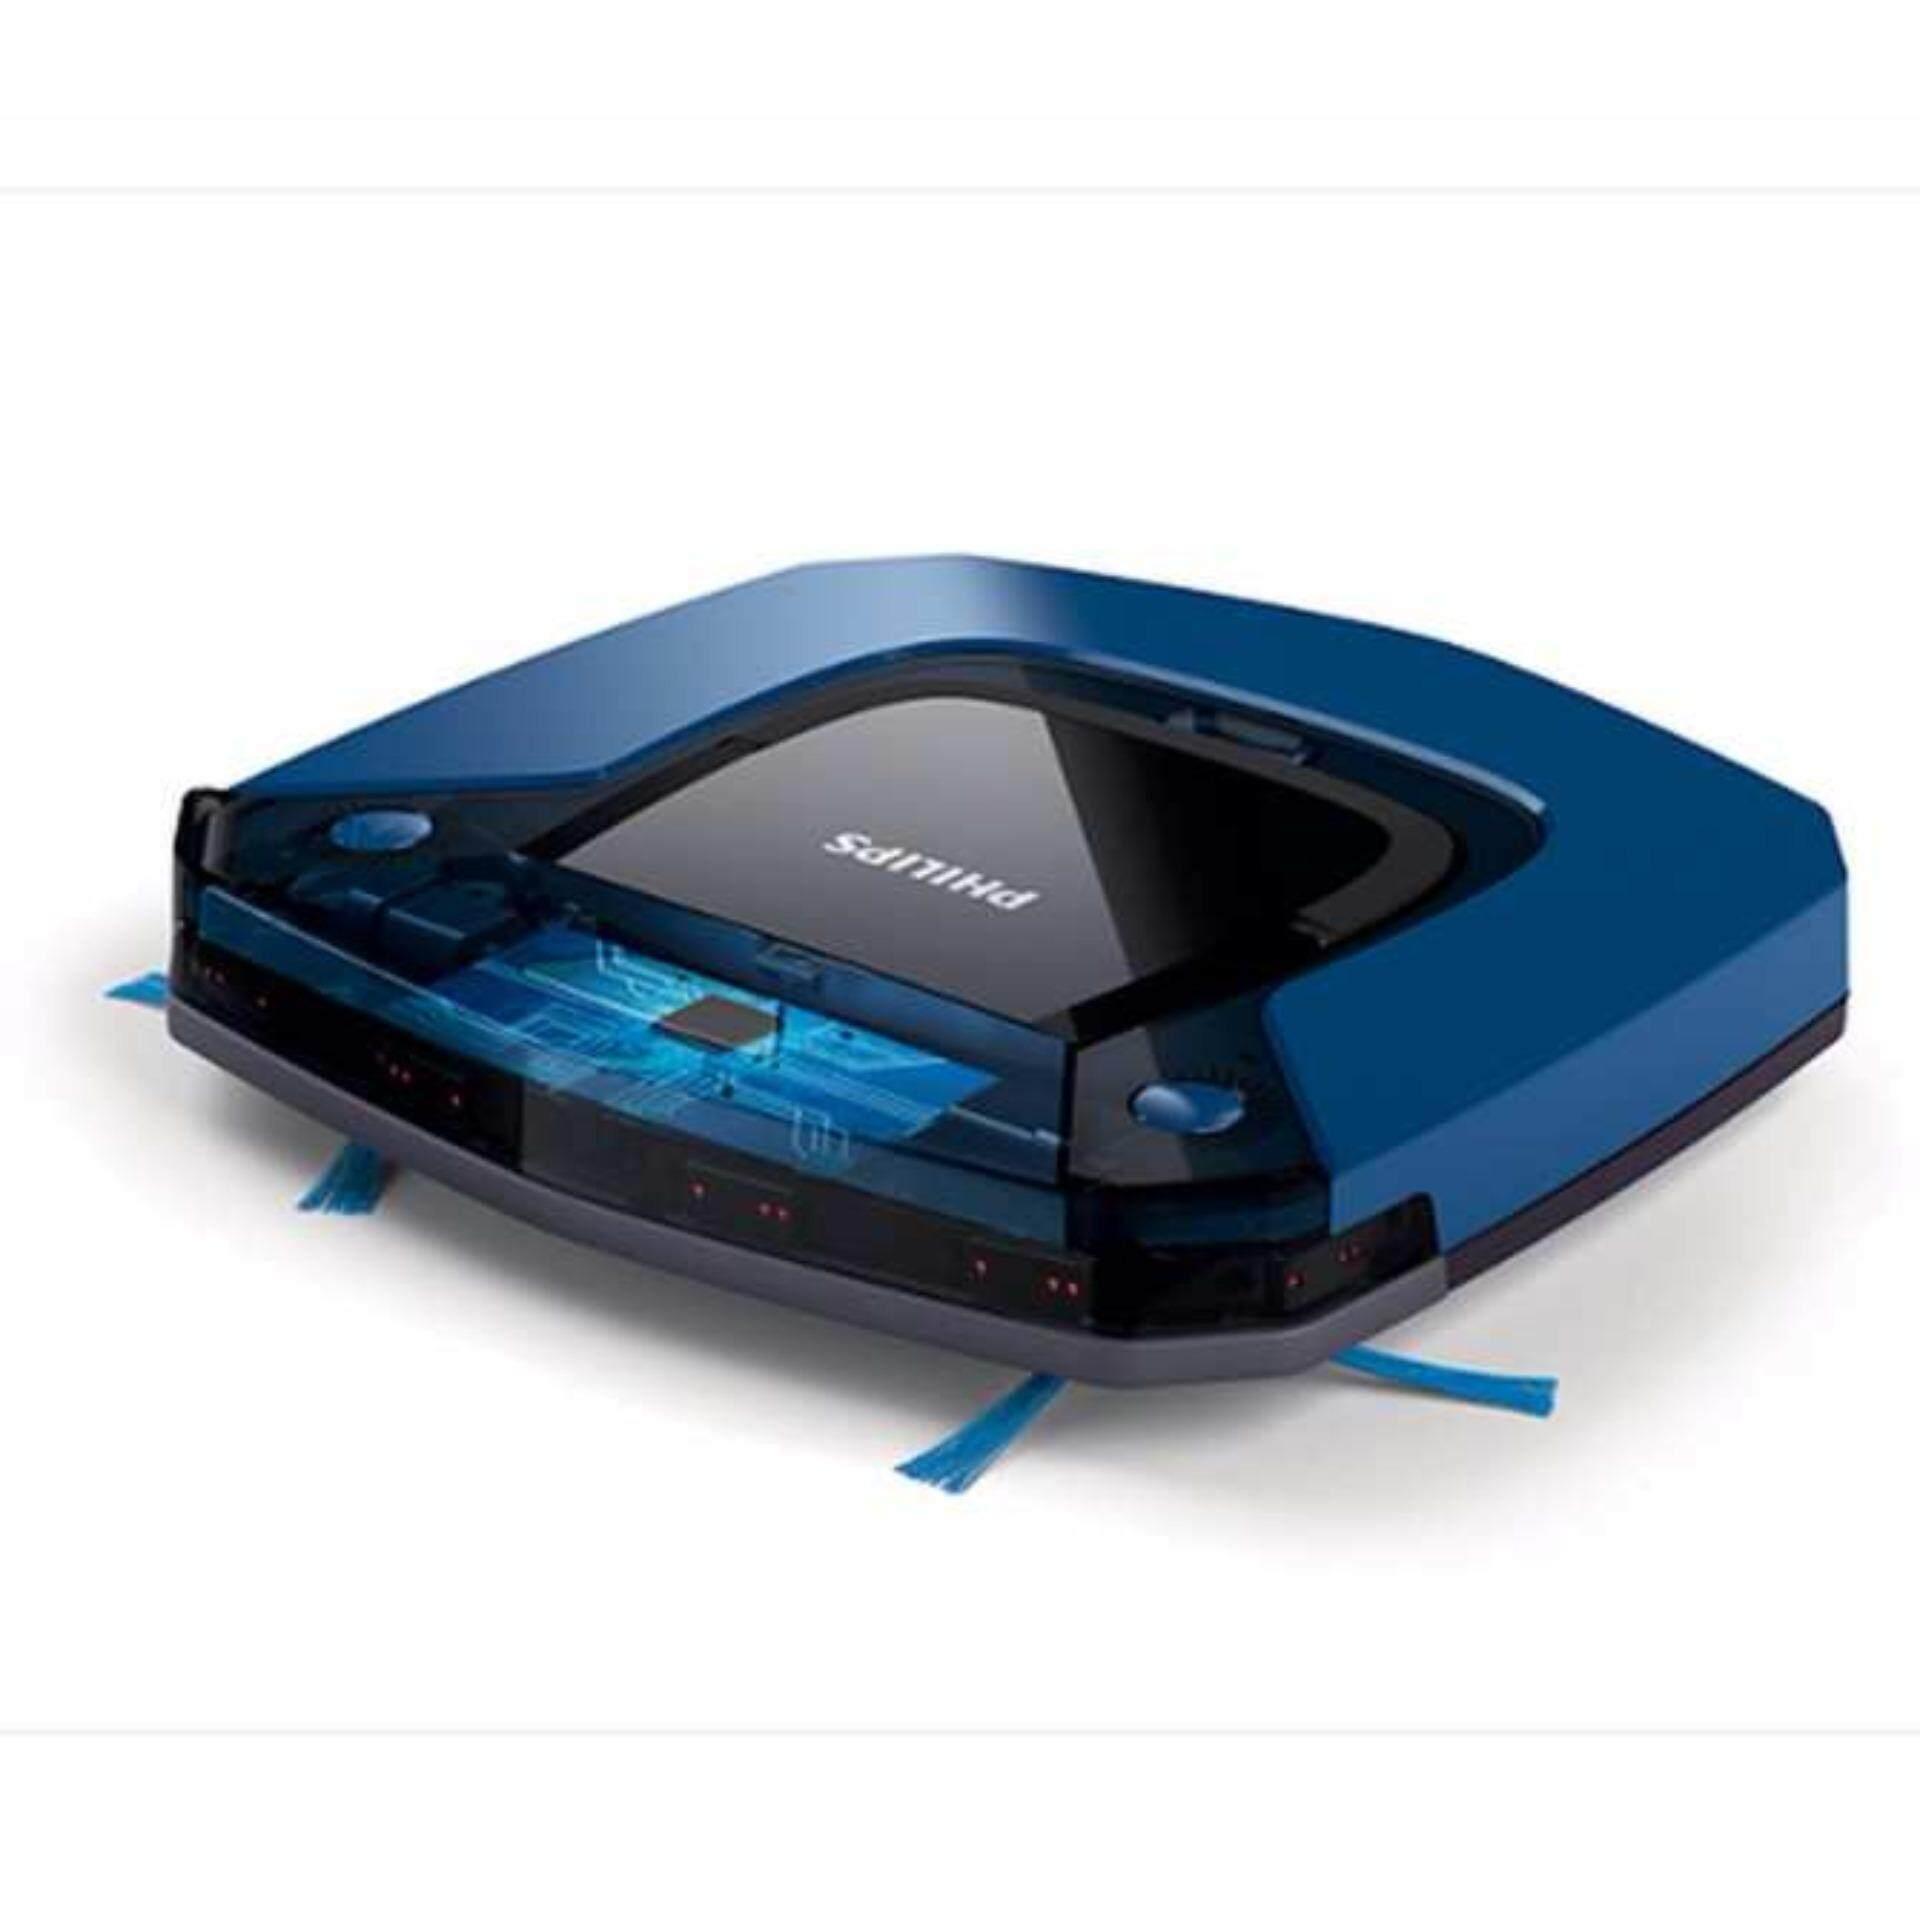 มาใหม่ล่าสุด หุ่นยนต์ดูดฝุ่นอัจฉริยะ Philips SmartPro Easy Robot vacuum cleaner (FC8792/01) ราคาเท่าไร